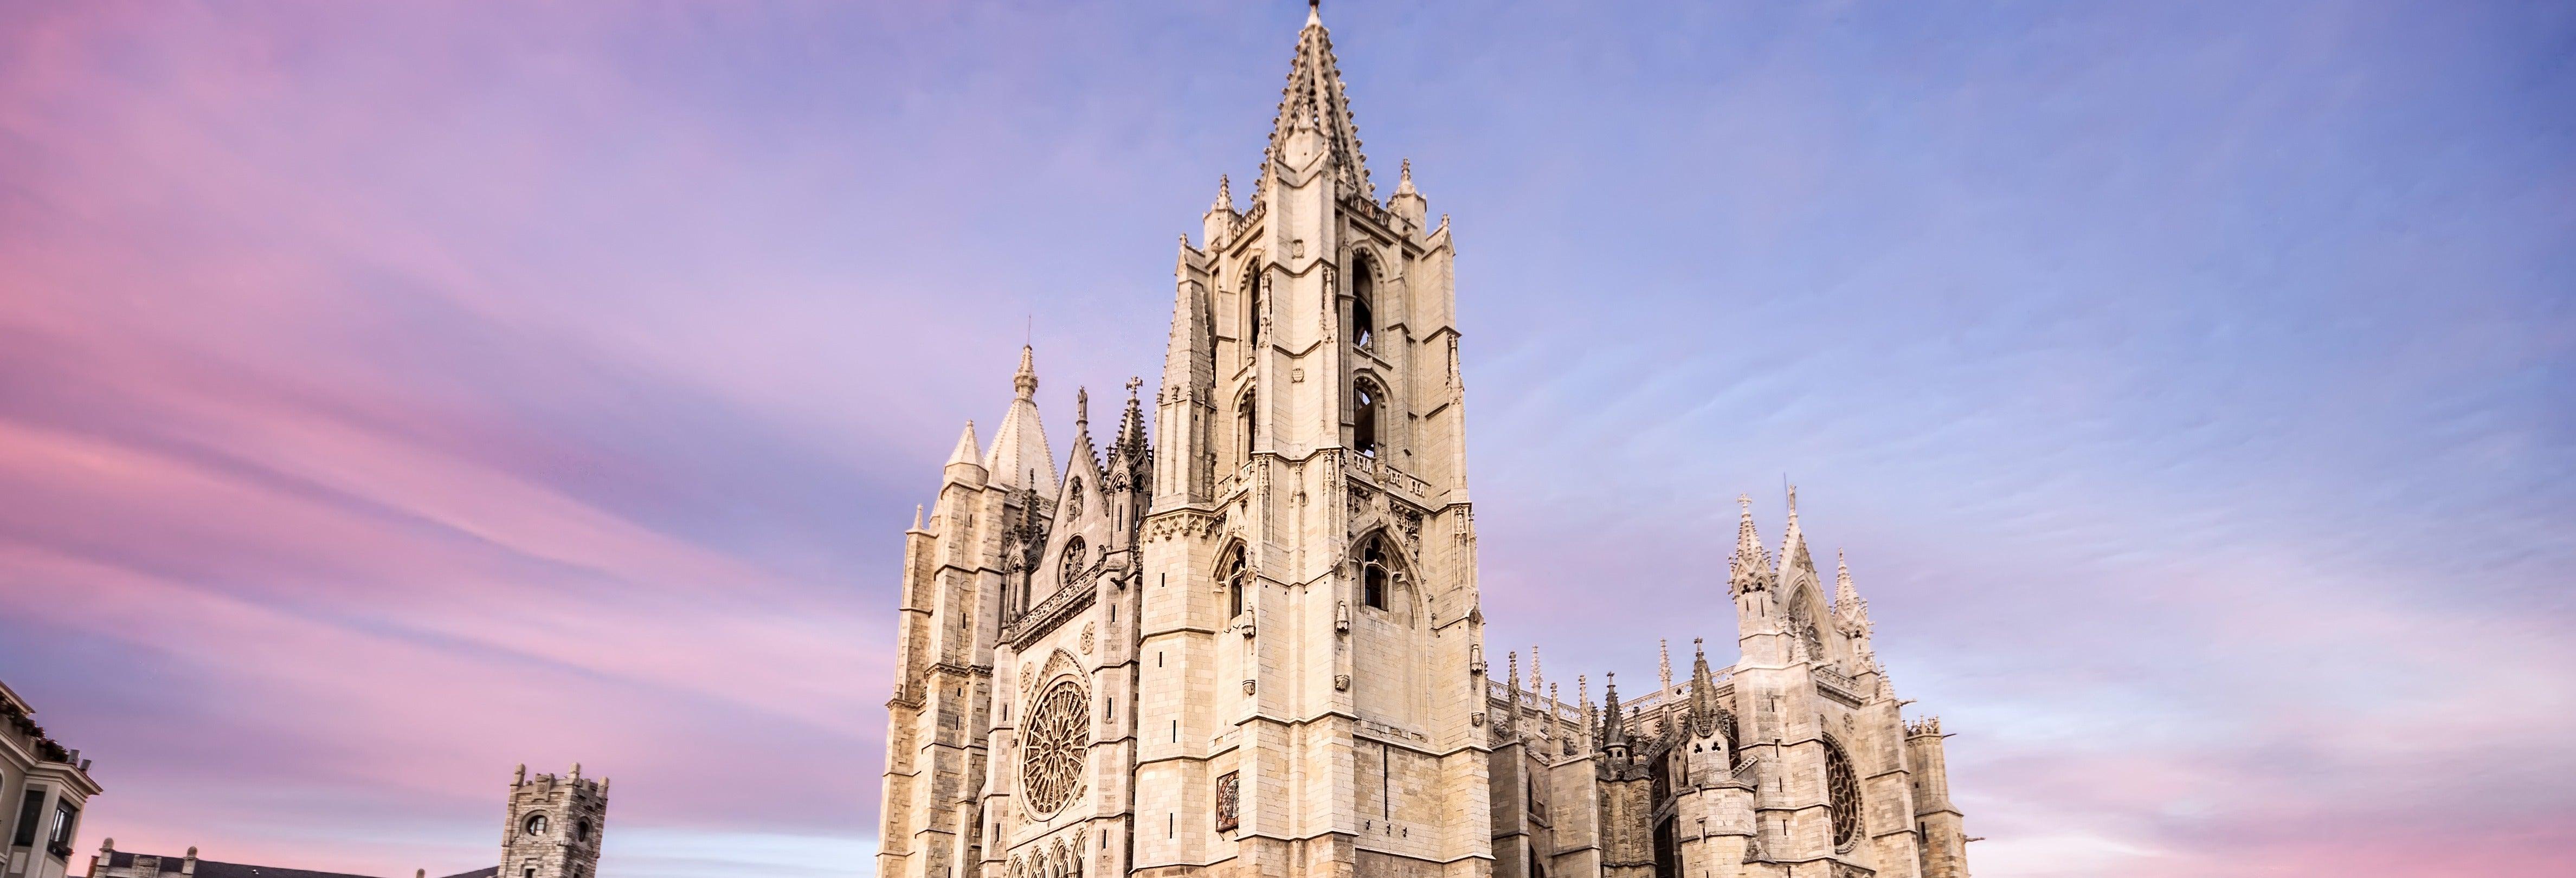 Visita guiada por la Catedral de León